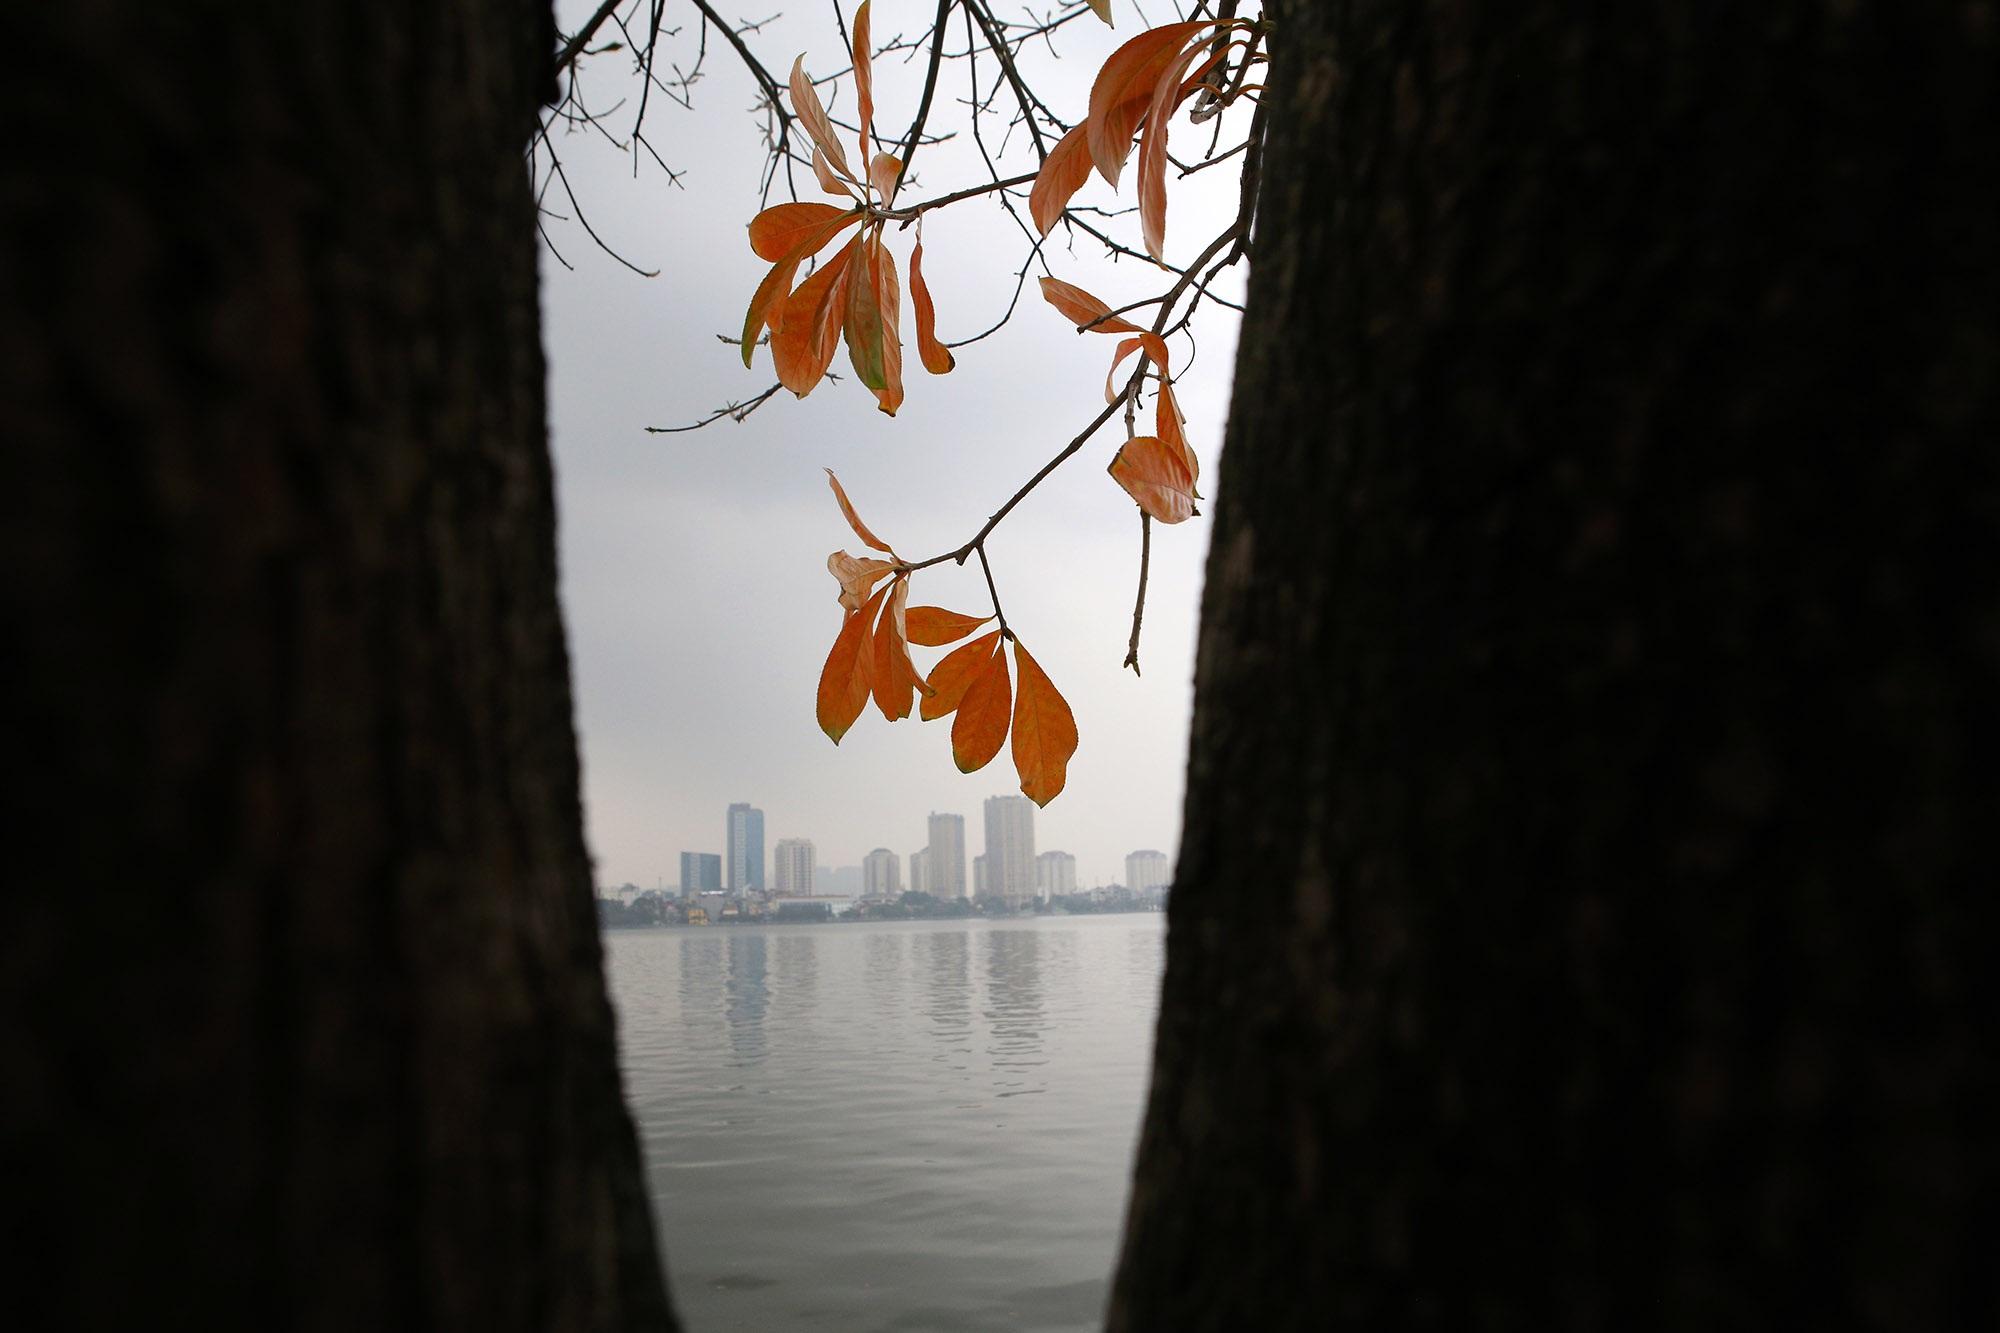 Hà Nội: Ngắm hồ Tây đẹp lãng mạn vào mùa cây thay lá - 5